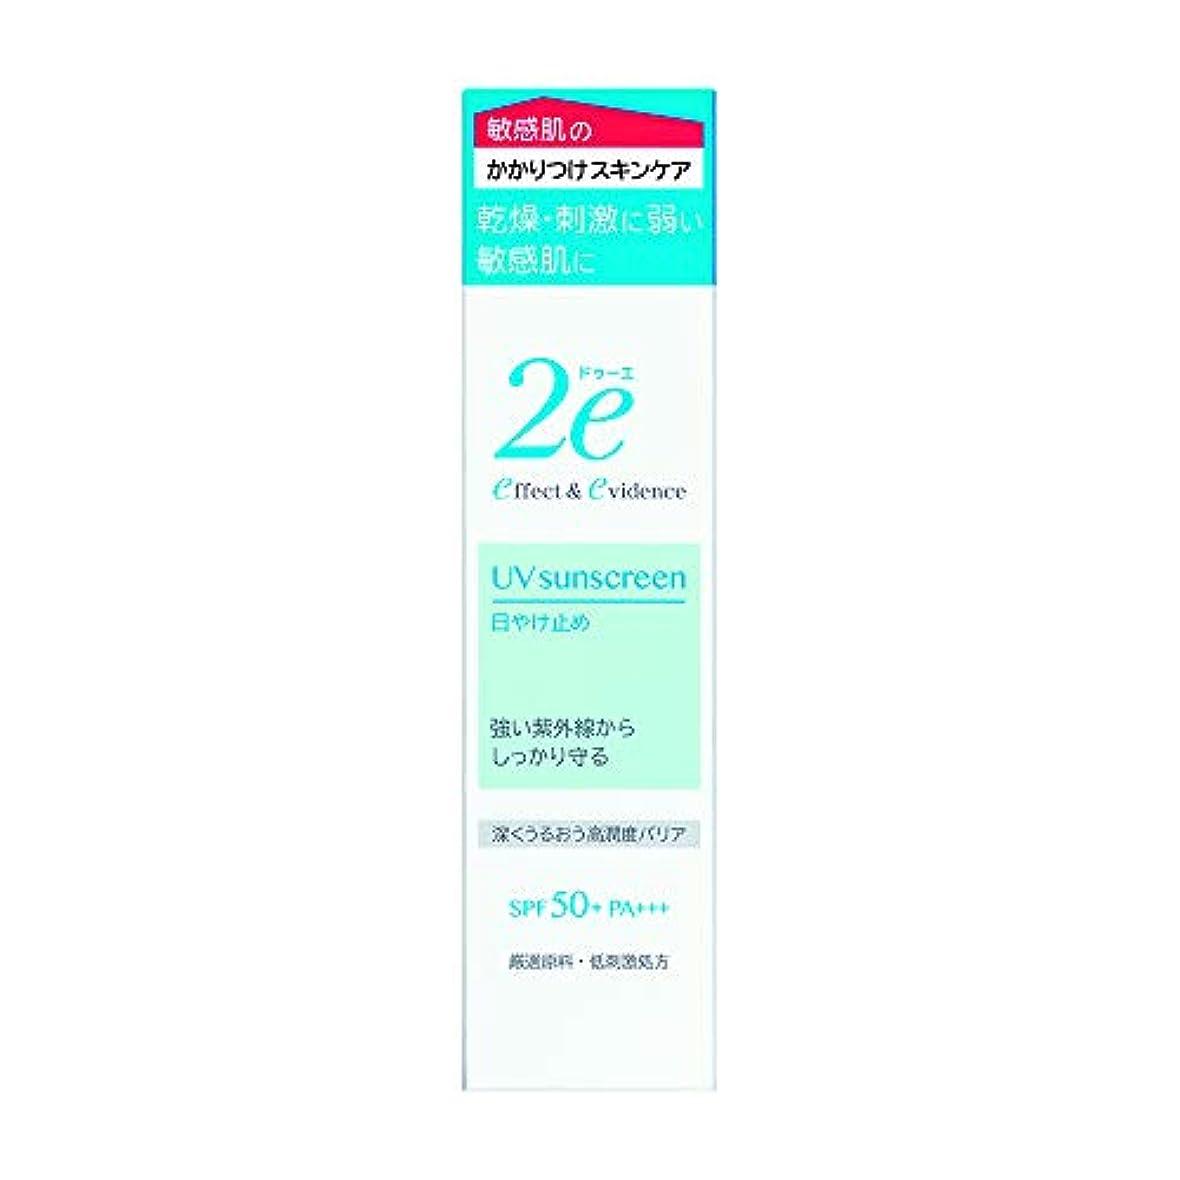 めったにパースヒロイック2e(ドゥーエ) 日やけ止め 敏感肌用 低刺激処方 深くうるおう高潤度バリア 40g SPF50+ PA+++ 日焼け止め